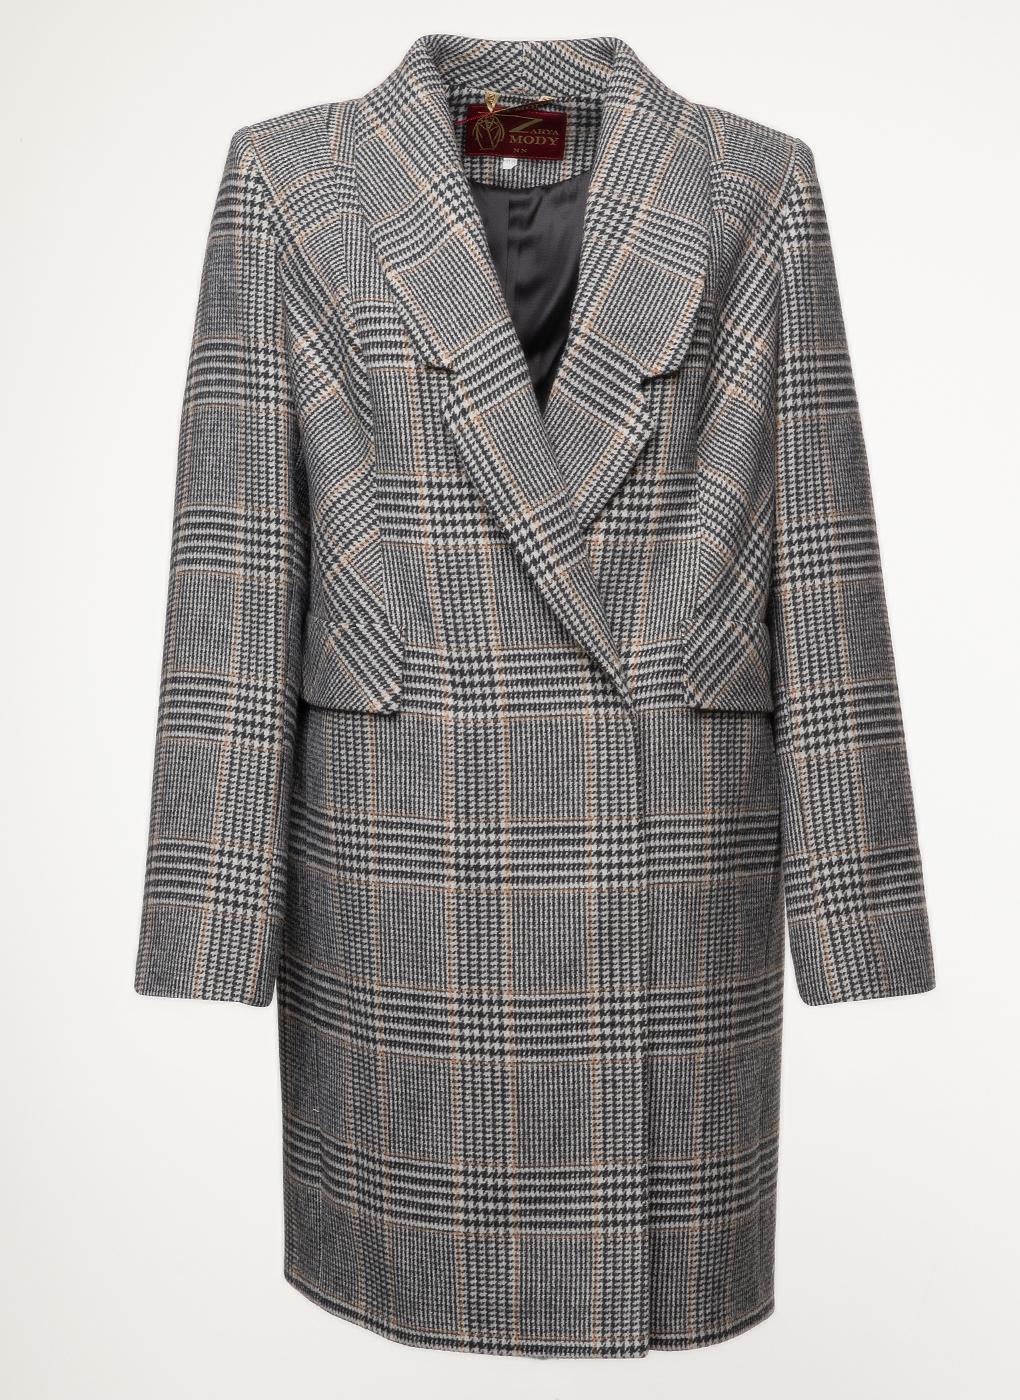 Пальто полушерстяное 62, Заря Моды фото